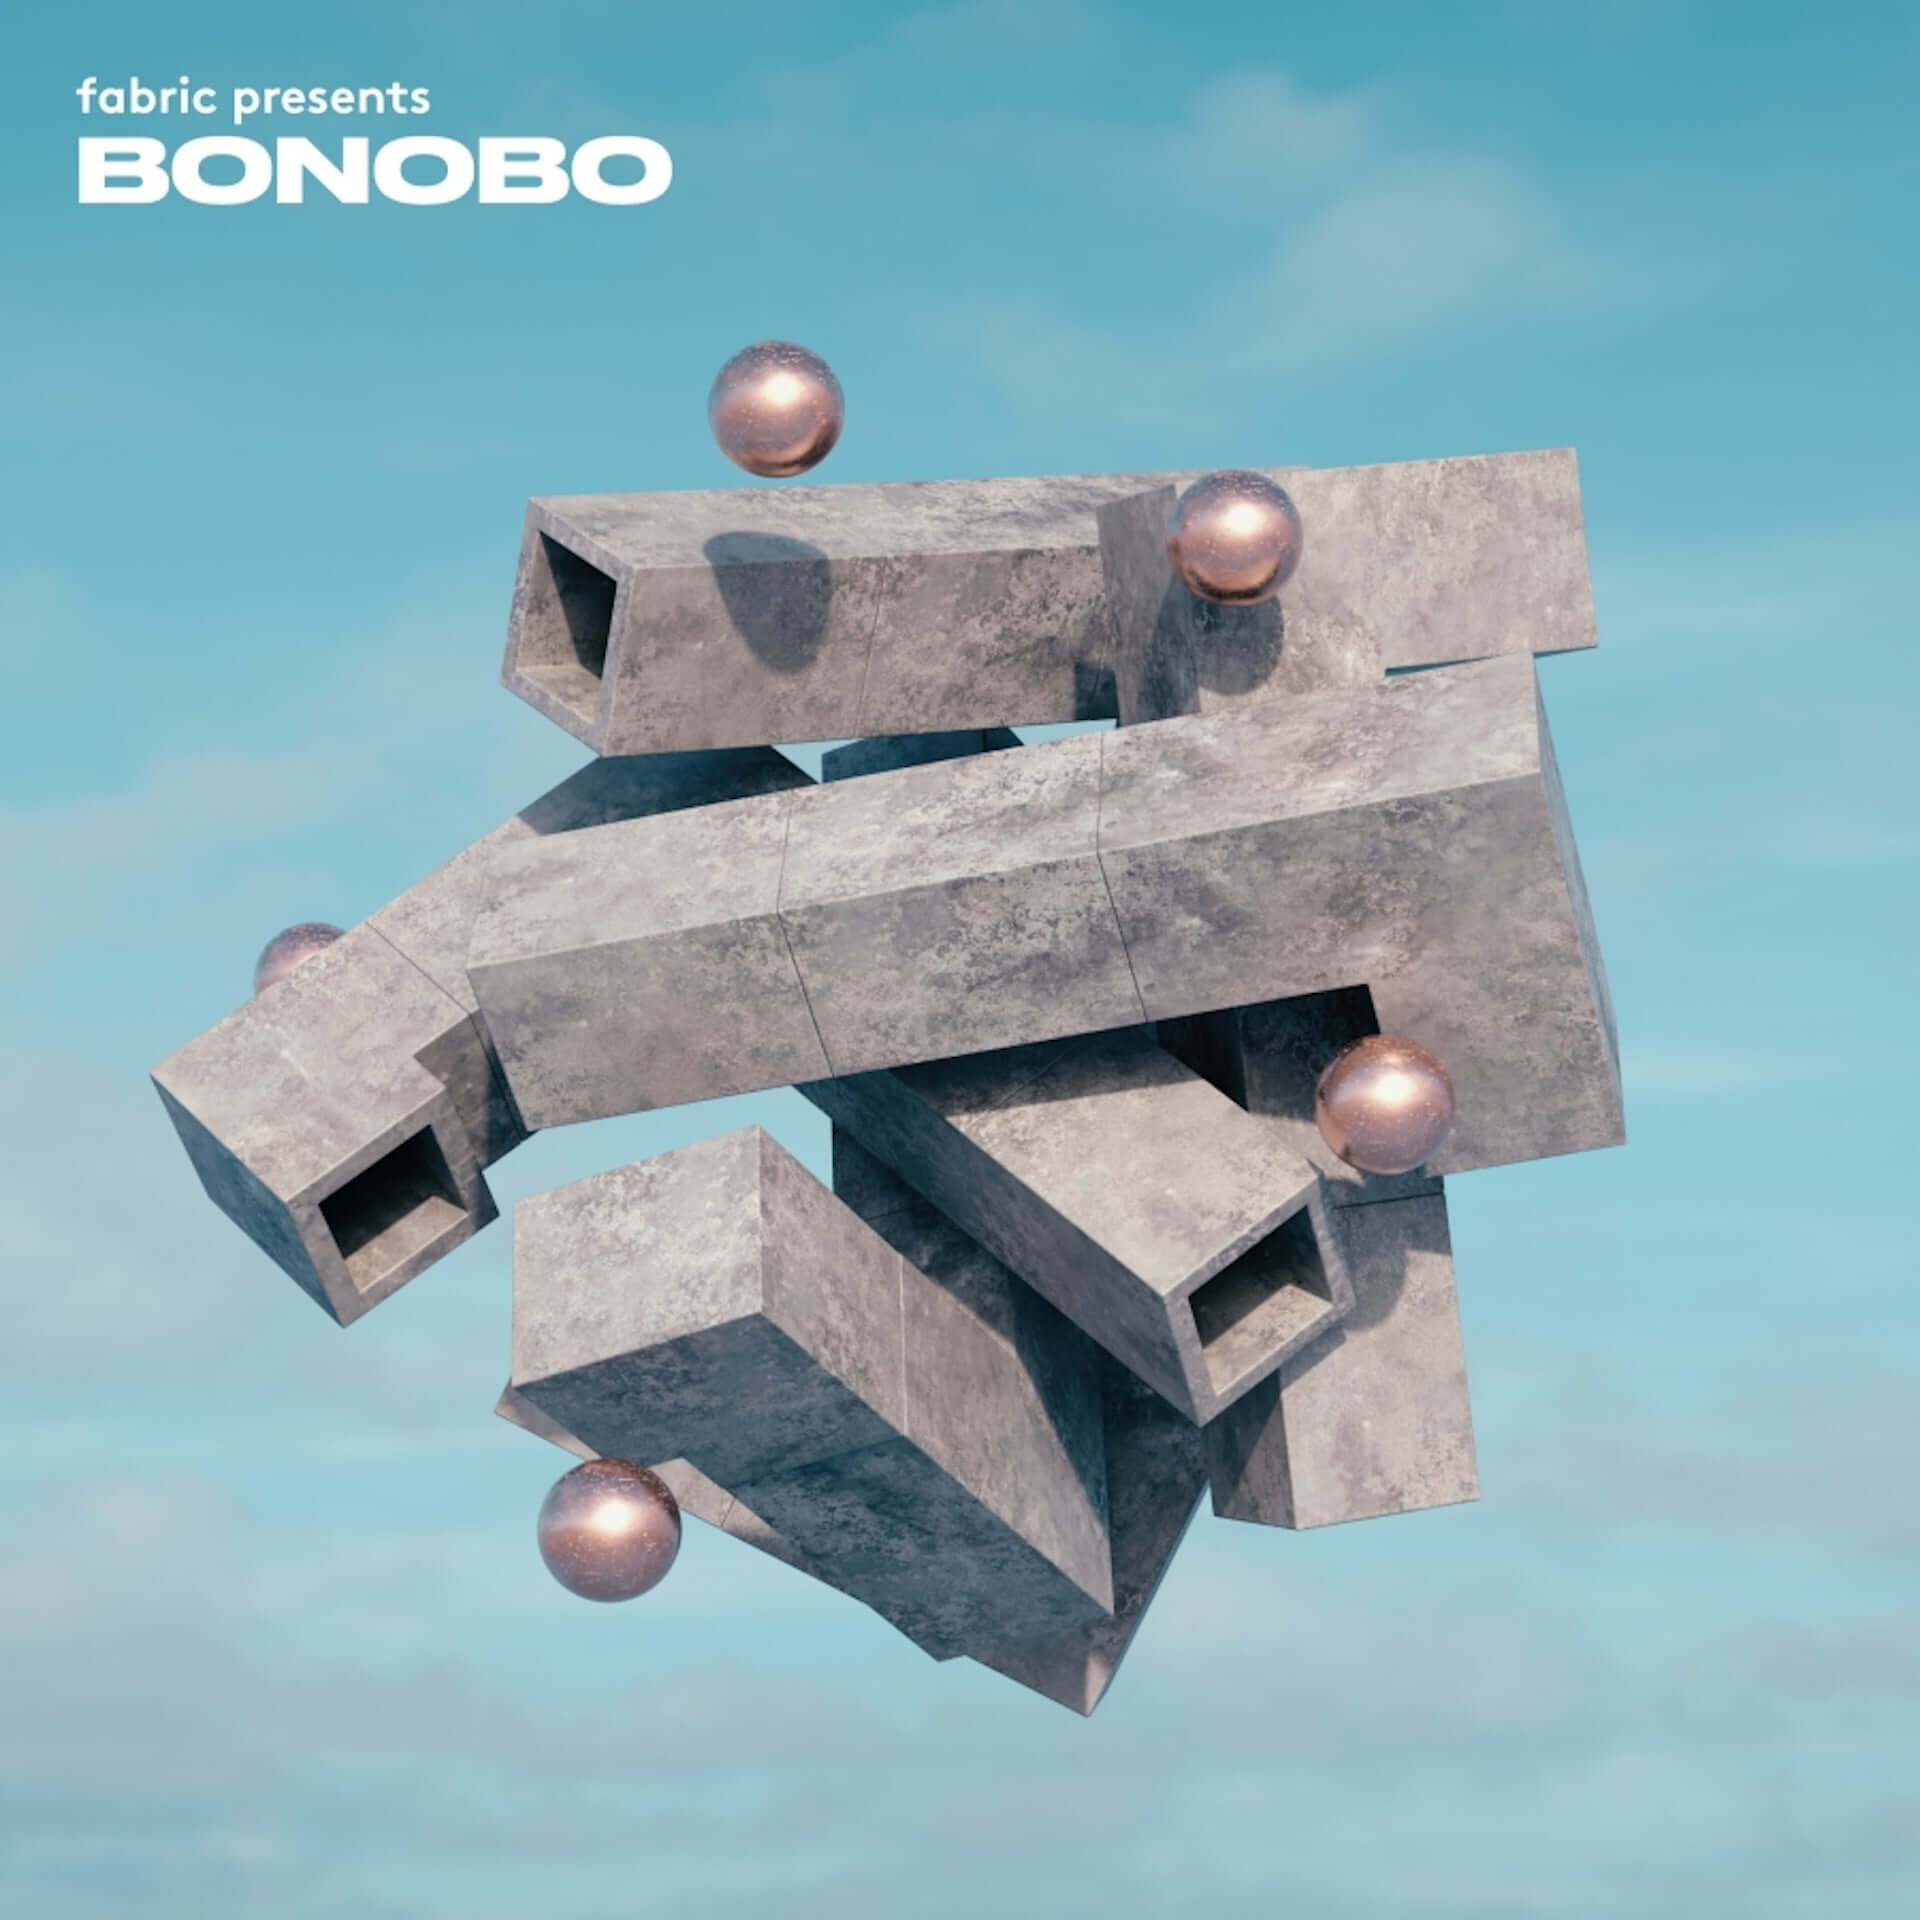 【イベントレポート】Bonobo| 神秘的で官能的なDJセットが彩る春の一夜 music0408-bonobo-djset-report-1920x1920